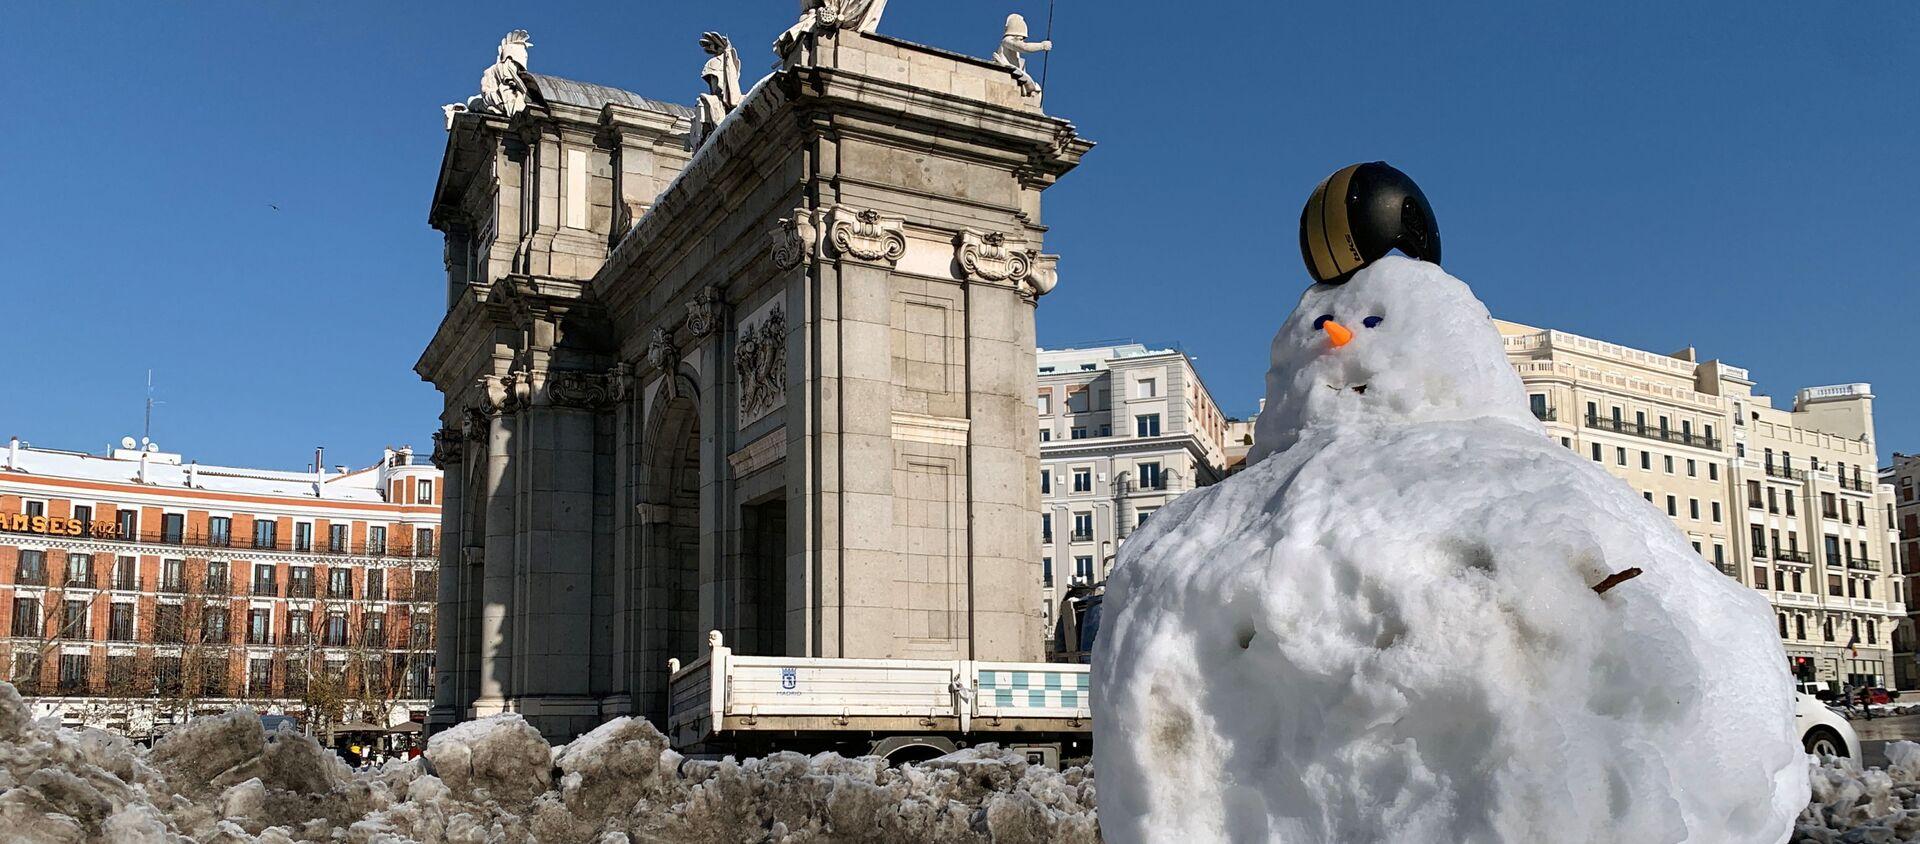 La ola de frío en España - Sputnik Mundo, 1920, 29.01.2021